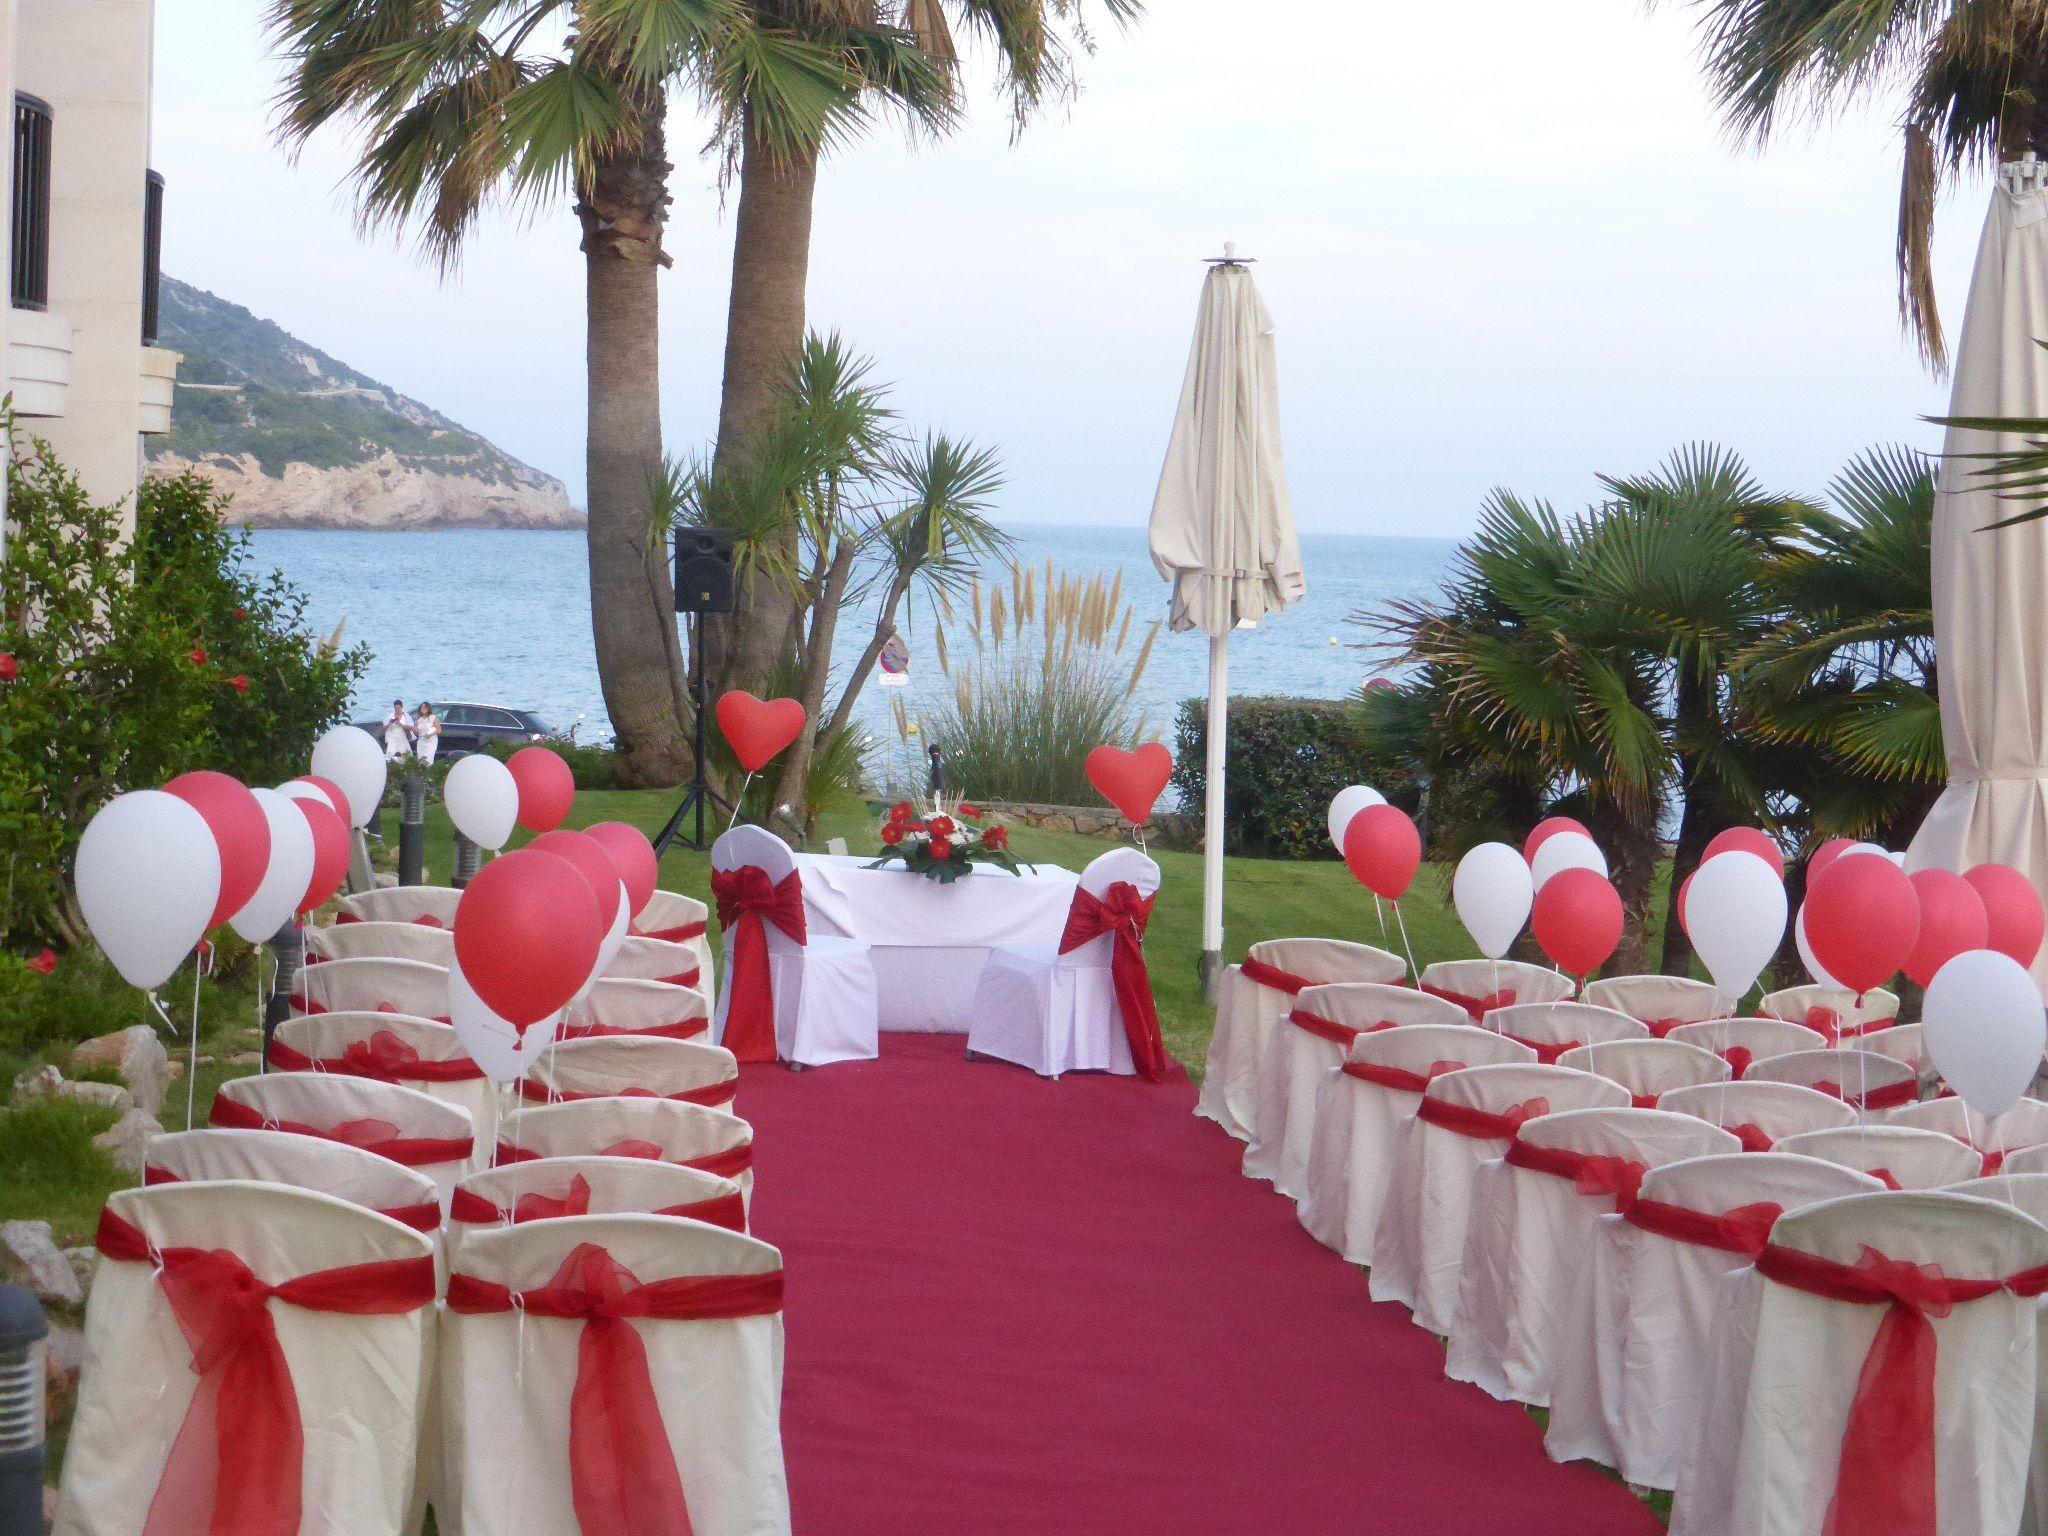 Boda en el jard n con tem tica roja vista mar lazos rojos - Decoracion bodas civiles ...